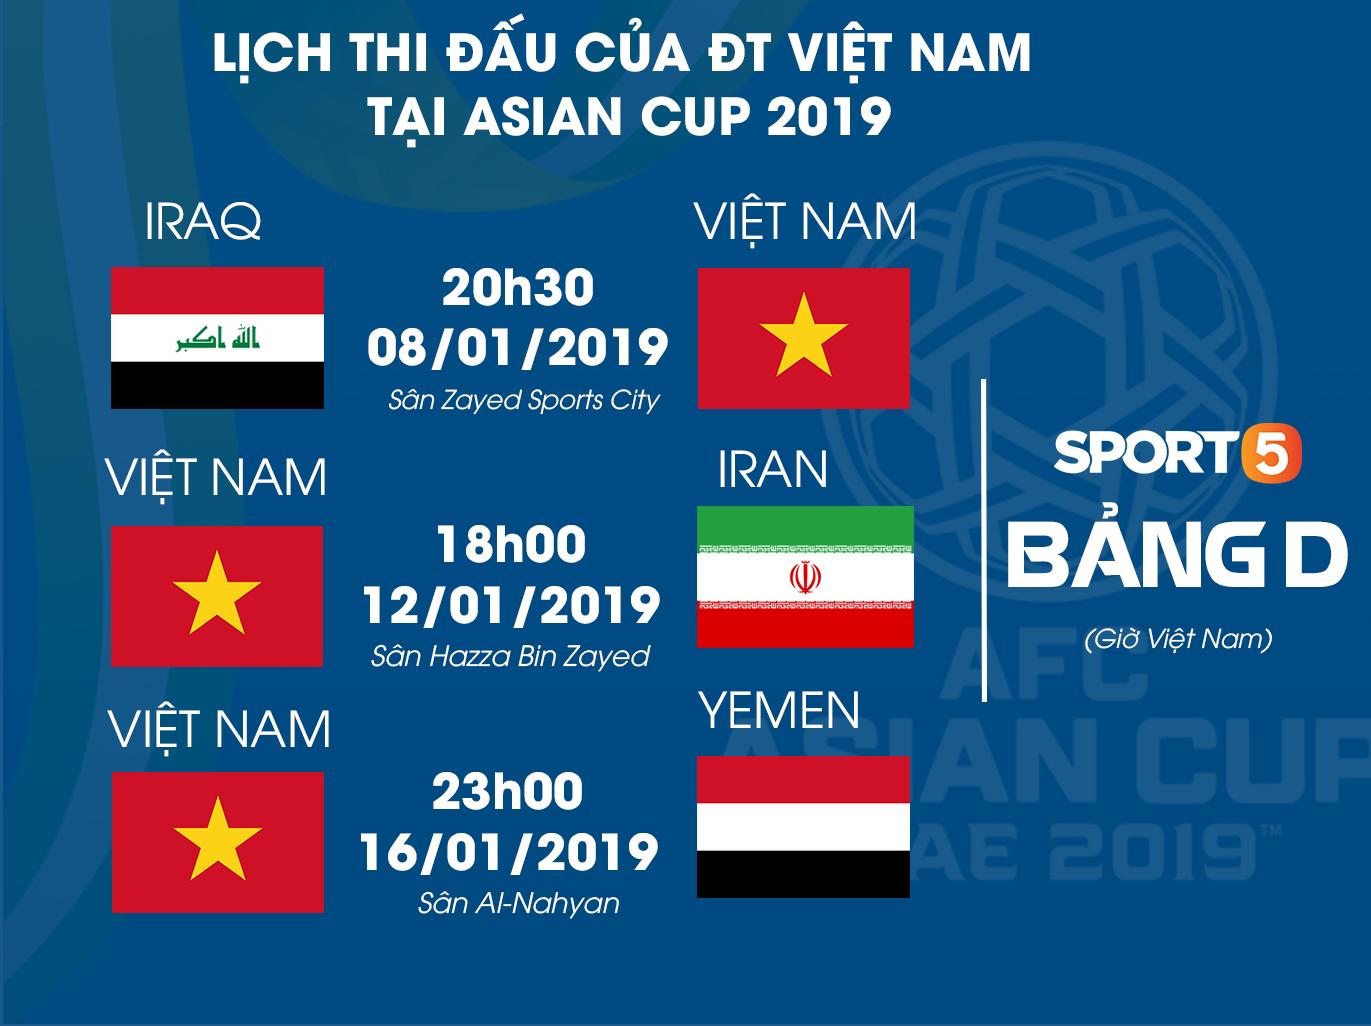 HLV Park Hang Seo đầy âu lo, không dám nói trước về khả năng tiến xa của Việt Nam tại Asian Cup 2019-2